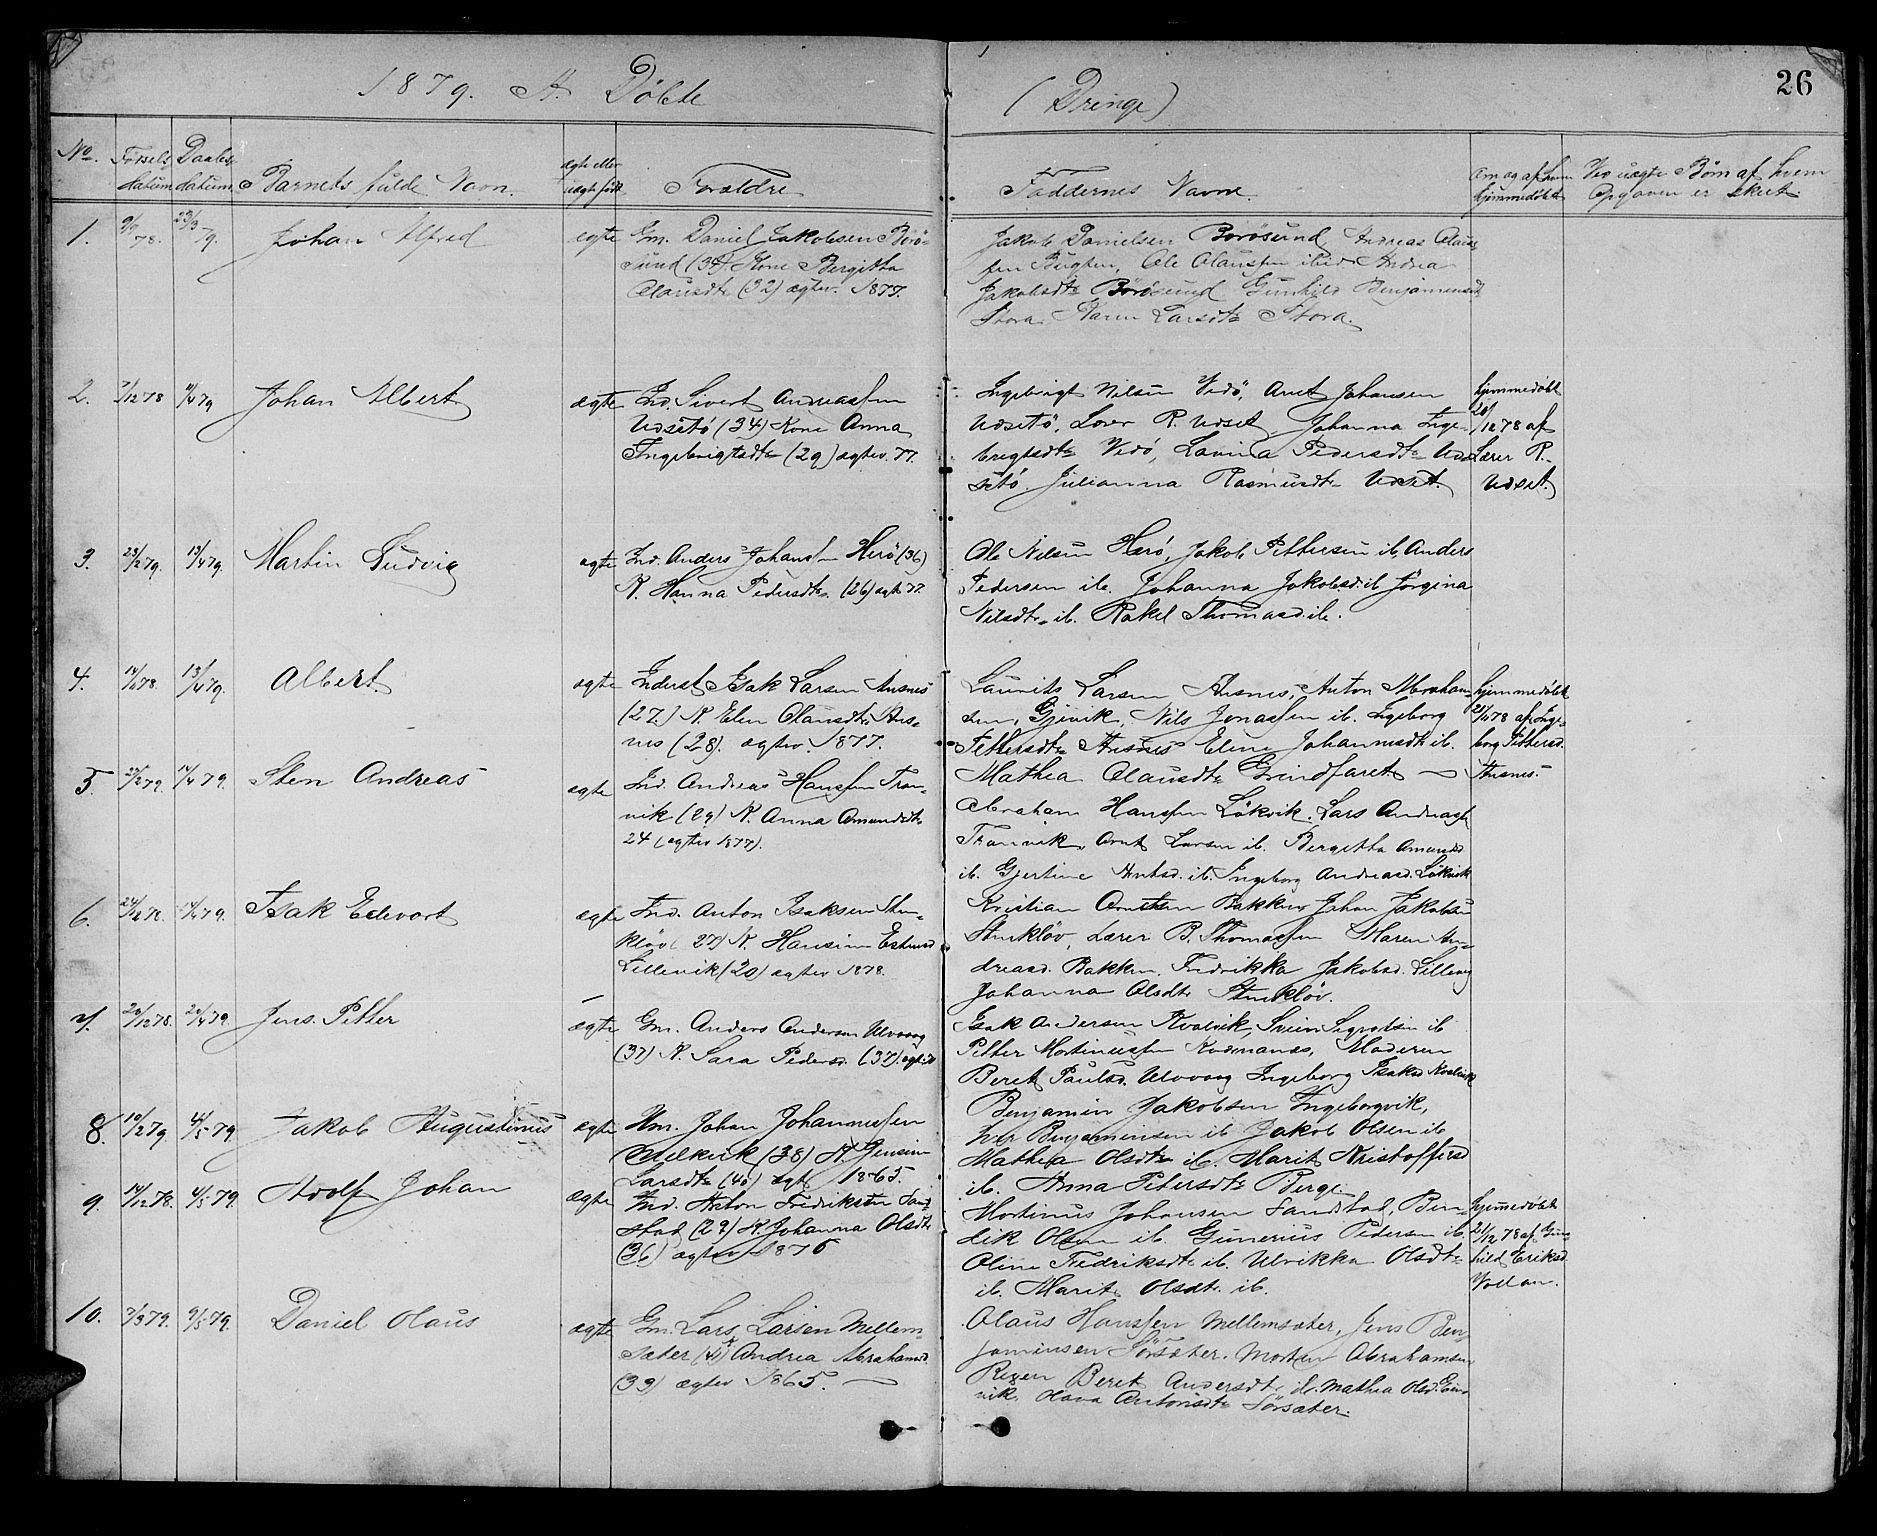 SAT, Ministerialprotokoller, klokkerbøker og fødselsregistre - Sør-Trøndelag, 637/L0561: Klokkerbok nr. 637C02, 1873-1882, s. 26